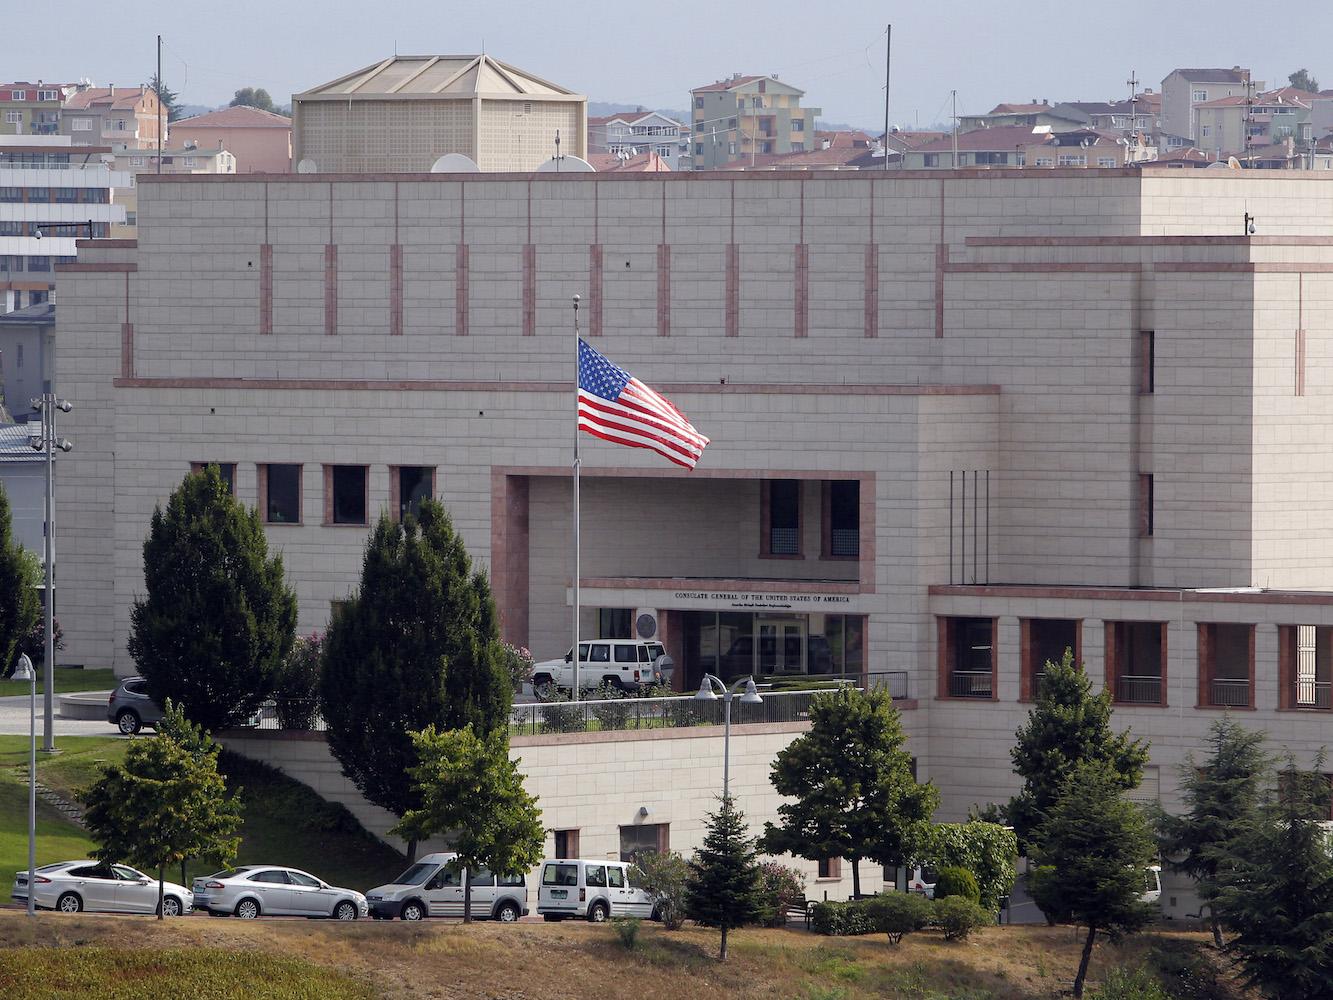 ABD'nin Konsolosluk Görevlisine Ev Hapsi